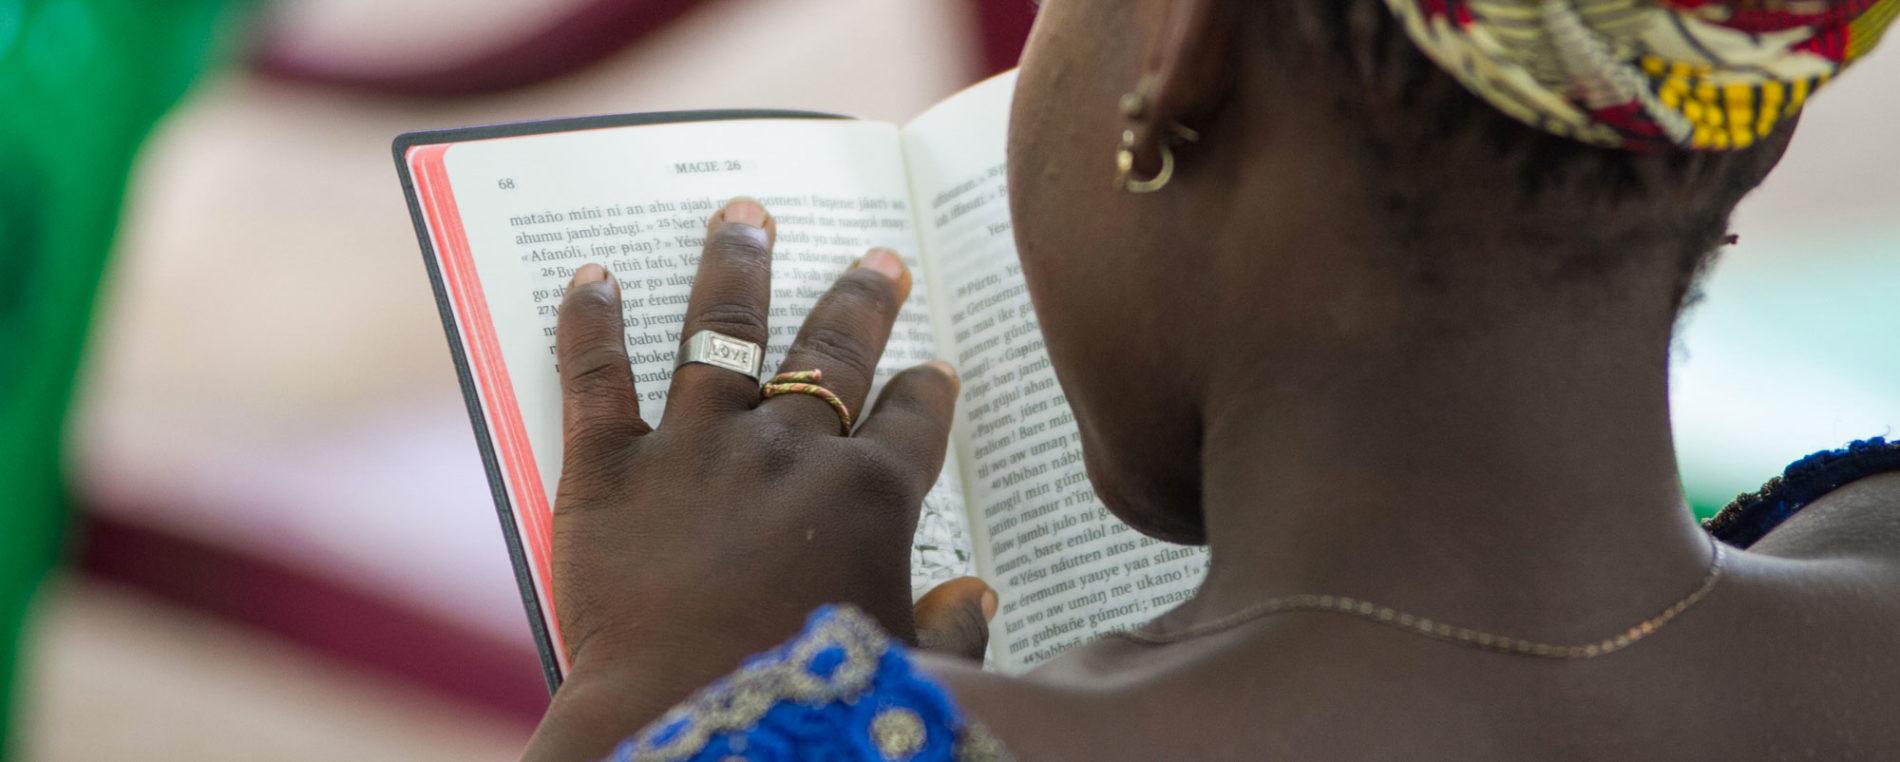 Une femme lit la bible